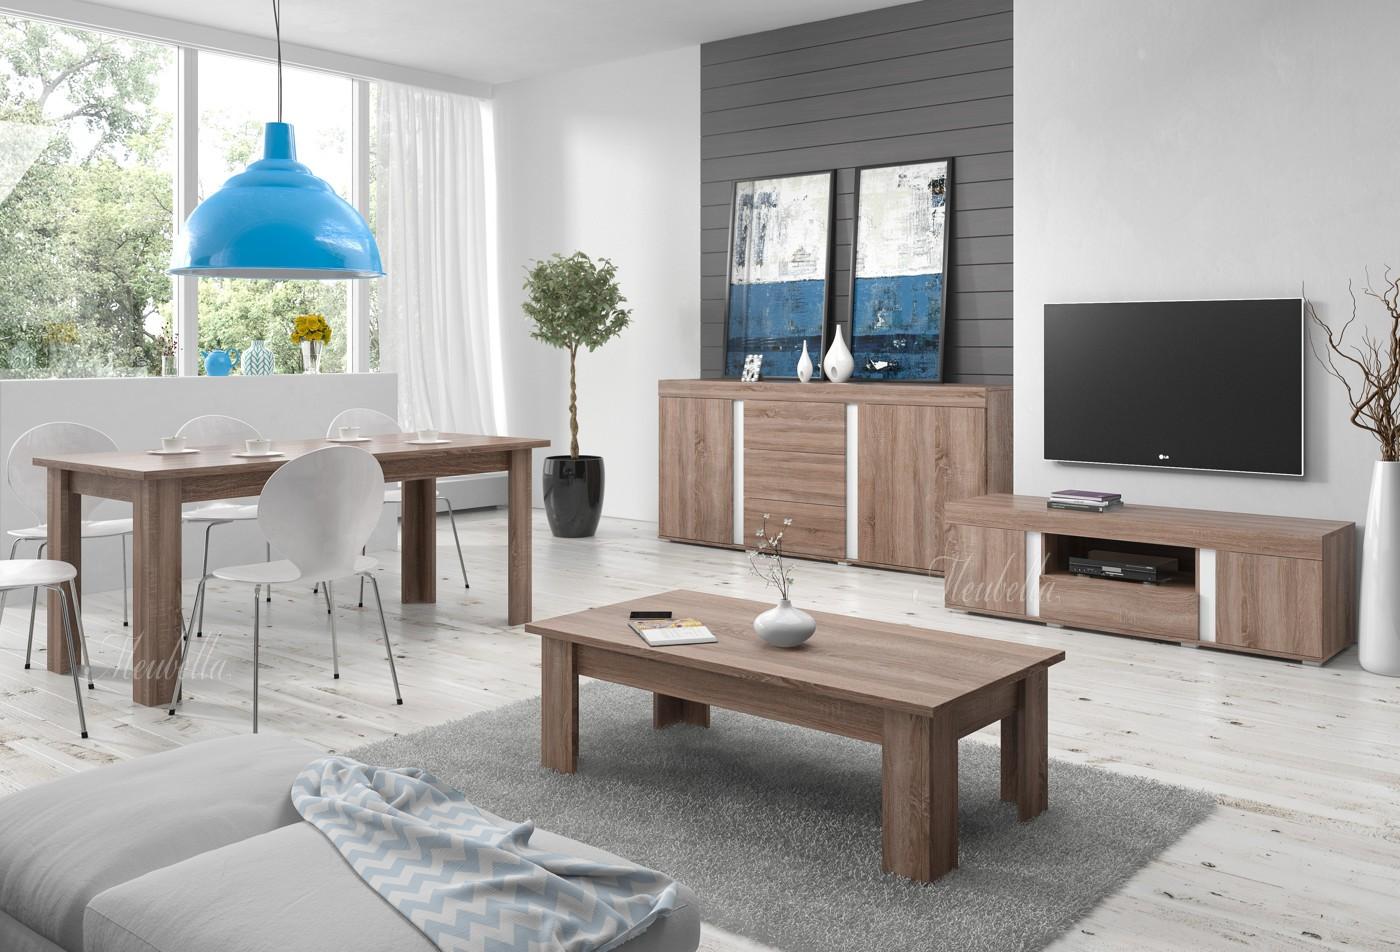 Trendy woonkamer great tips voor kleine woonkamer bureau Woonkamer design